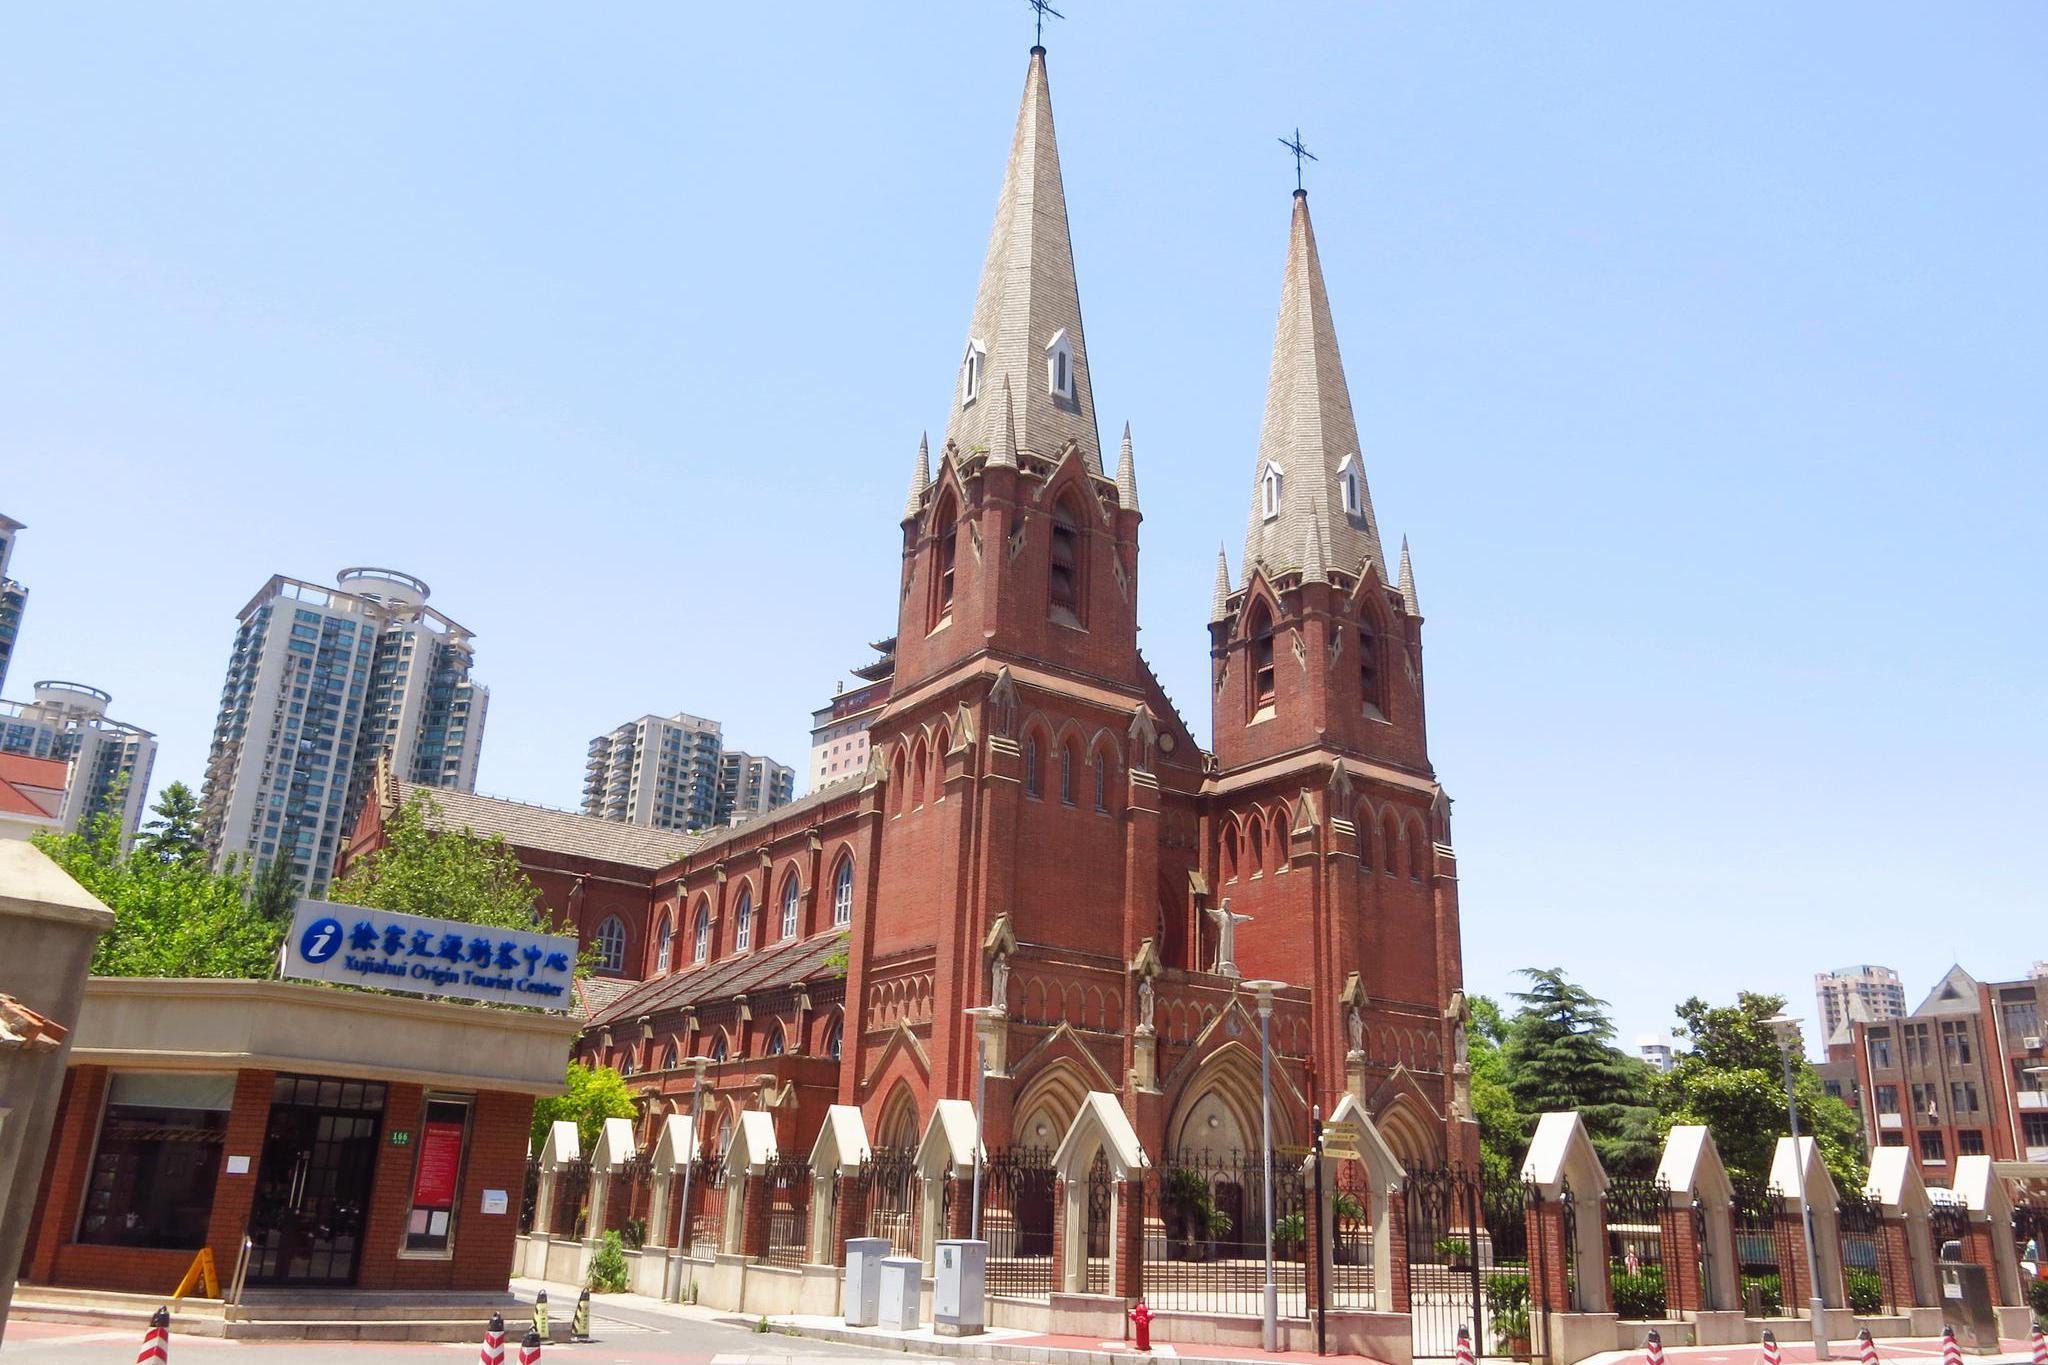 游览 上海市 徐汇区 徐家汇天主教堂 中国最美教堂之一